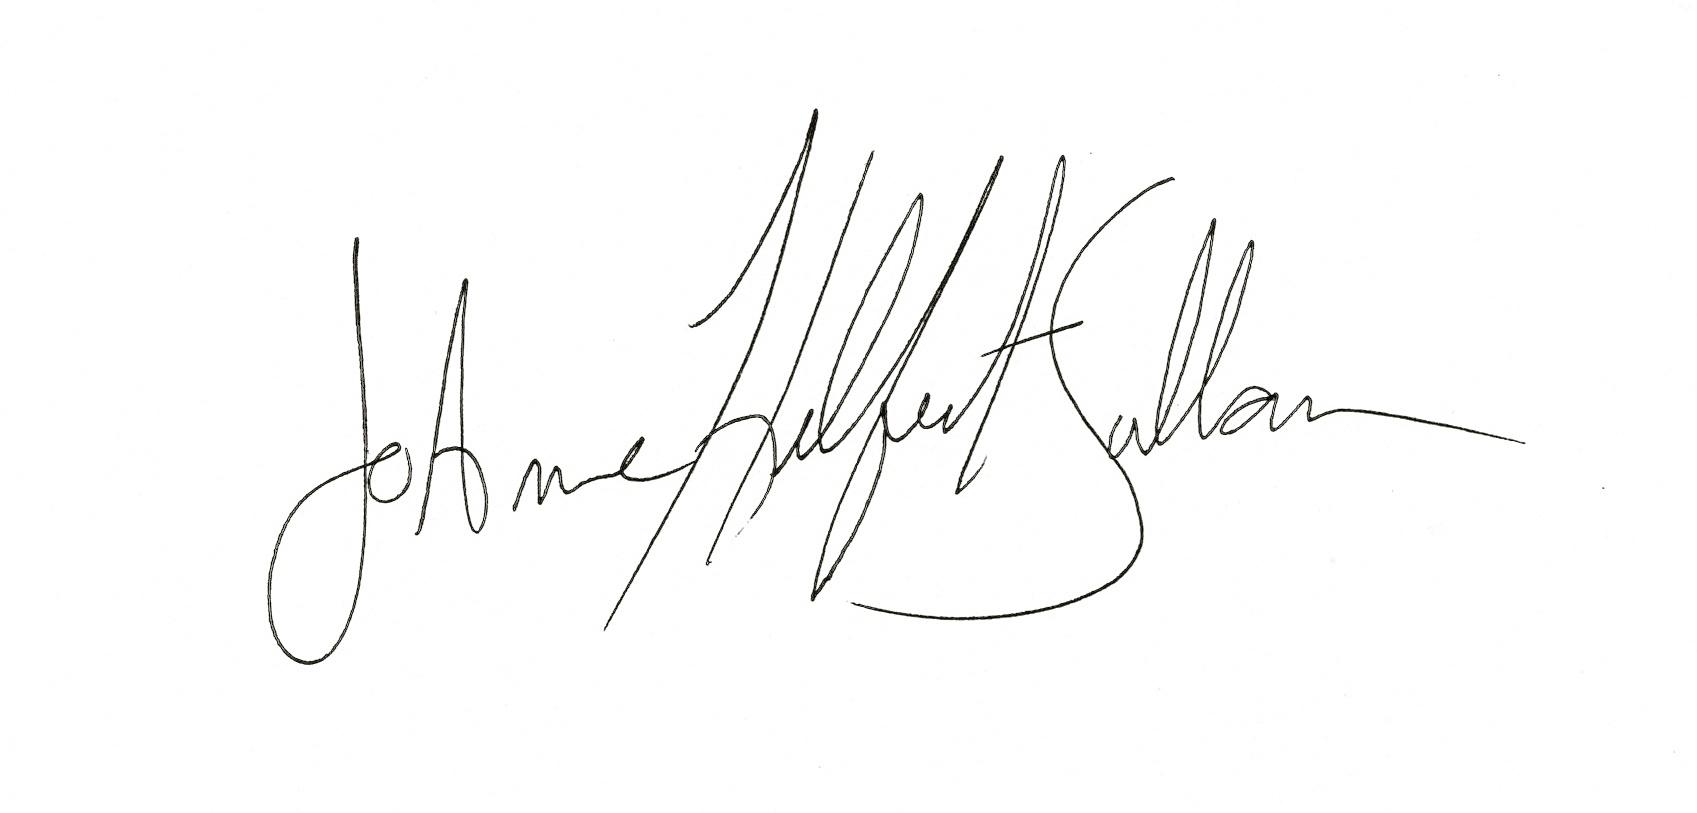 JoAnne Helfert Sullam's Signature